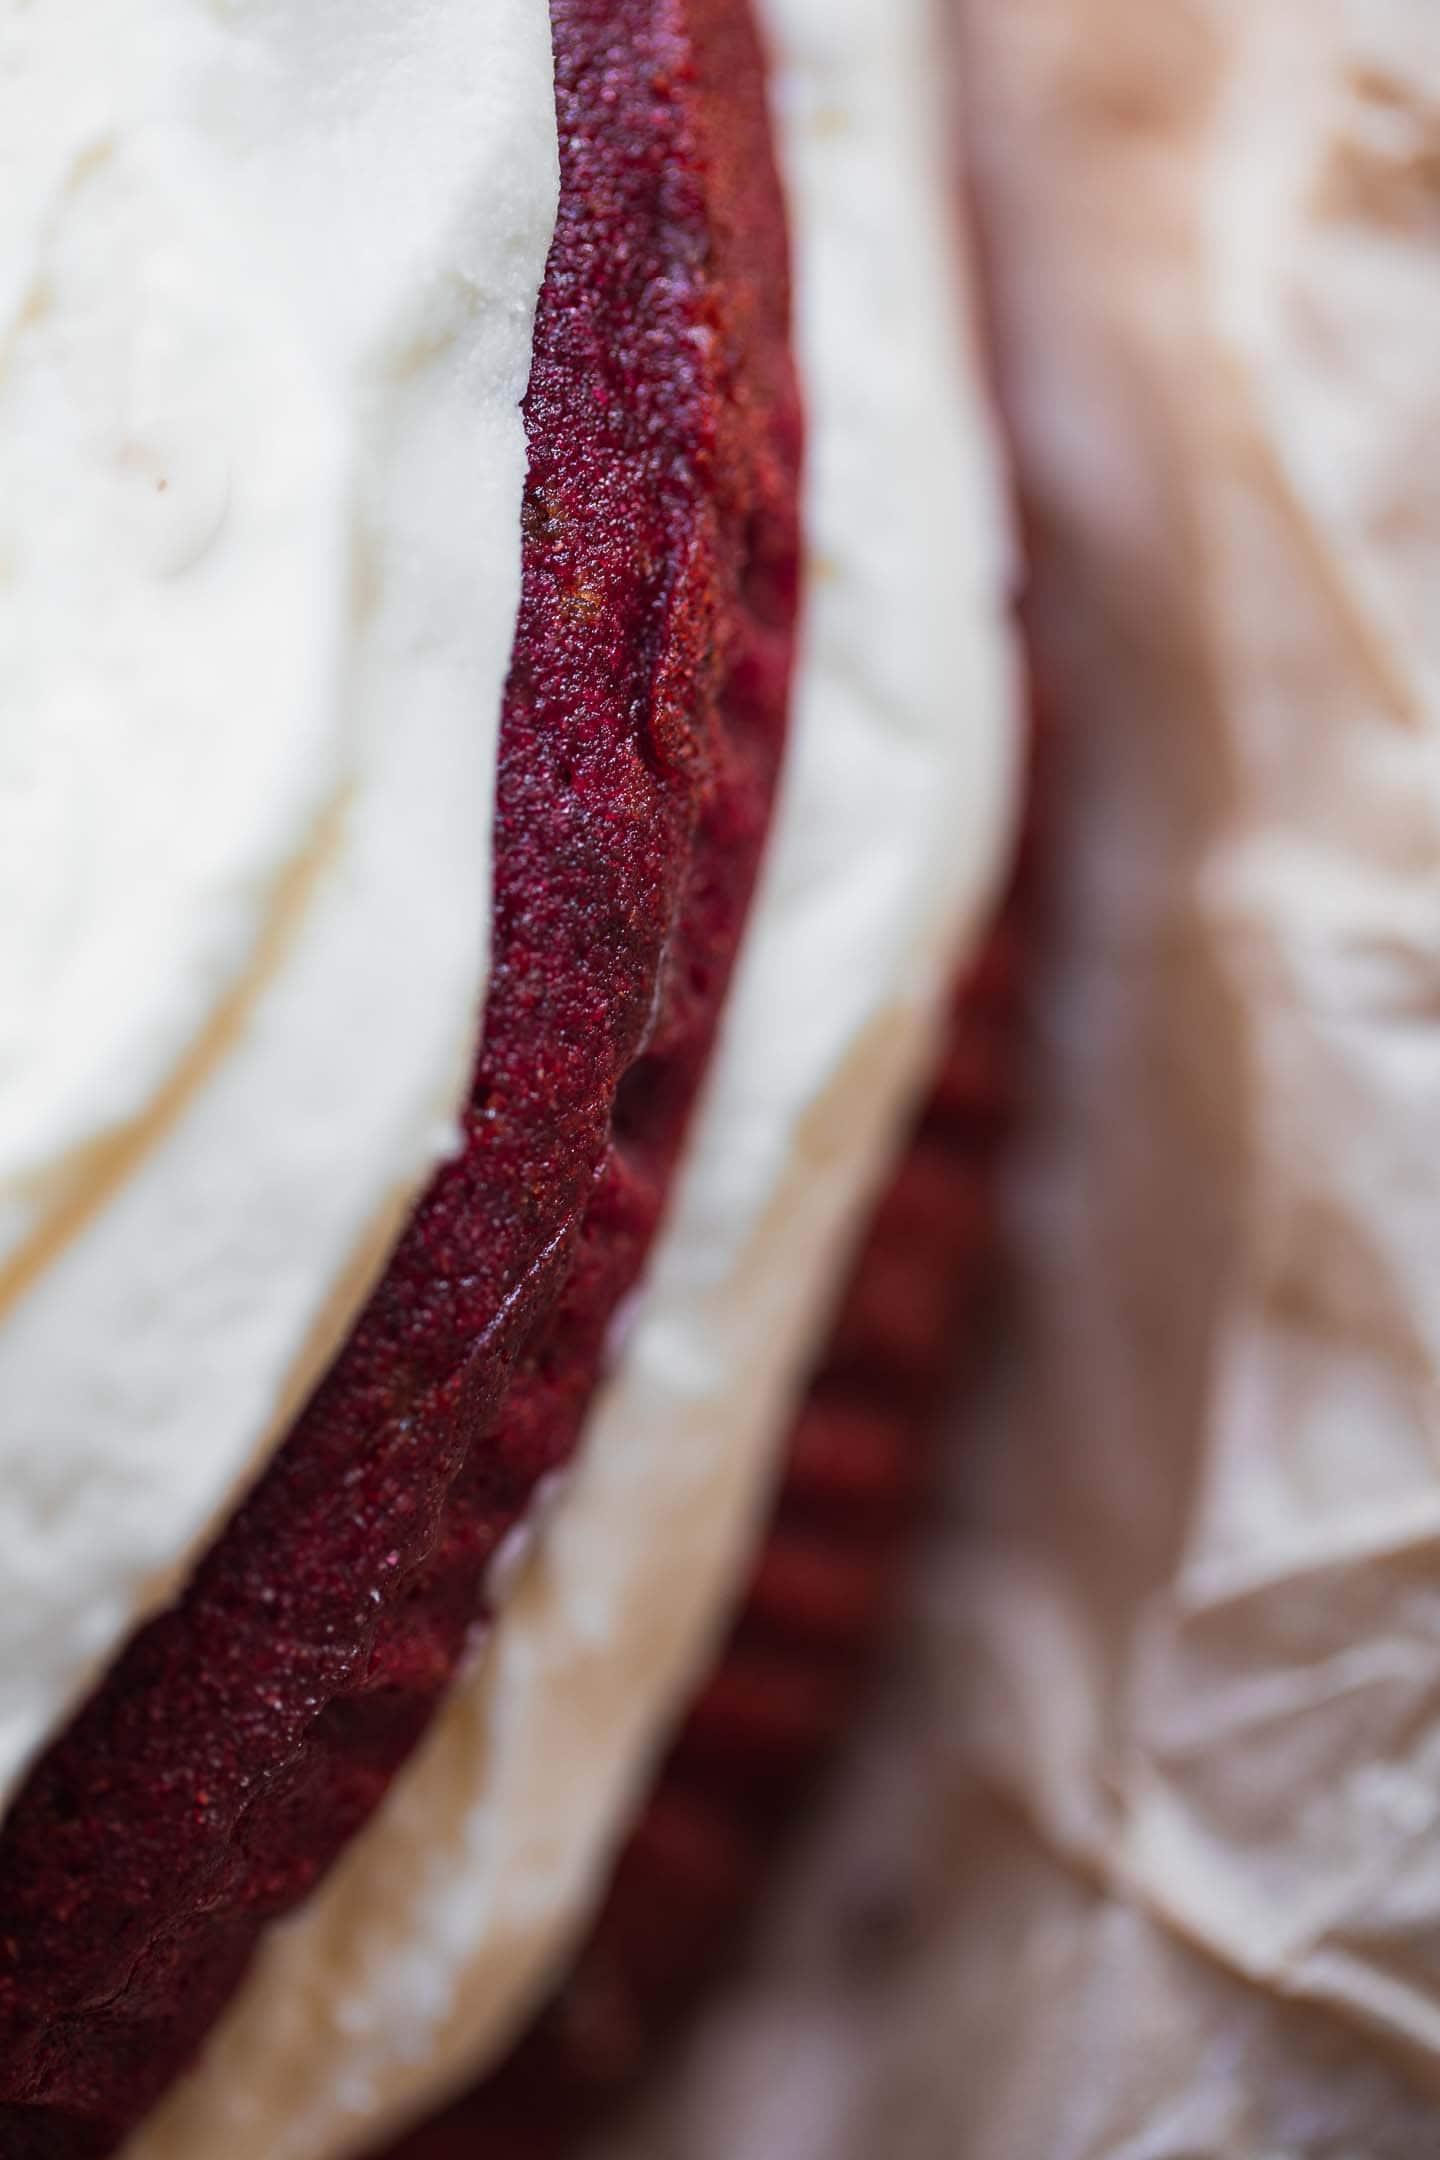 Layered red velvet cake